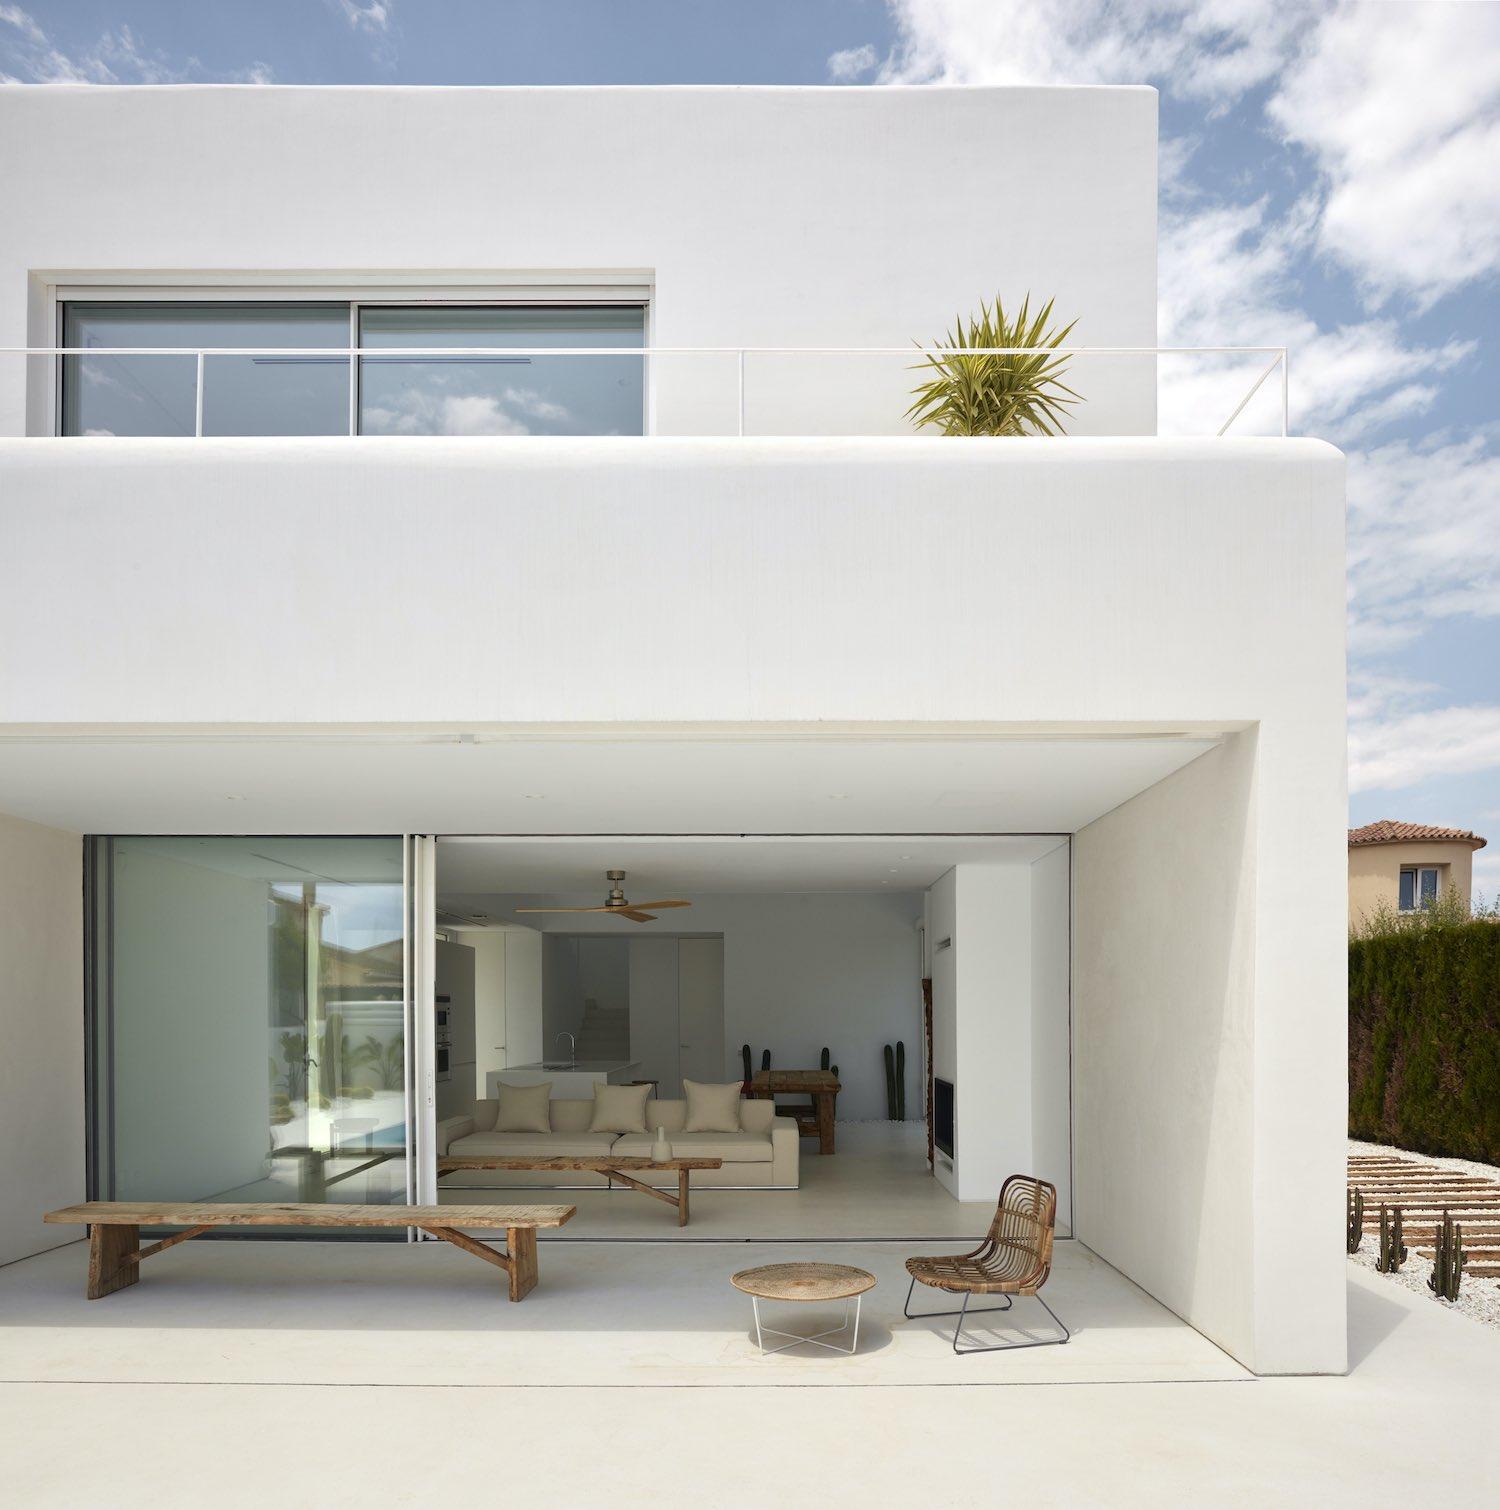 living room with opened slide door